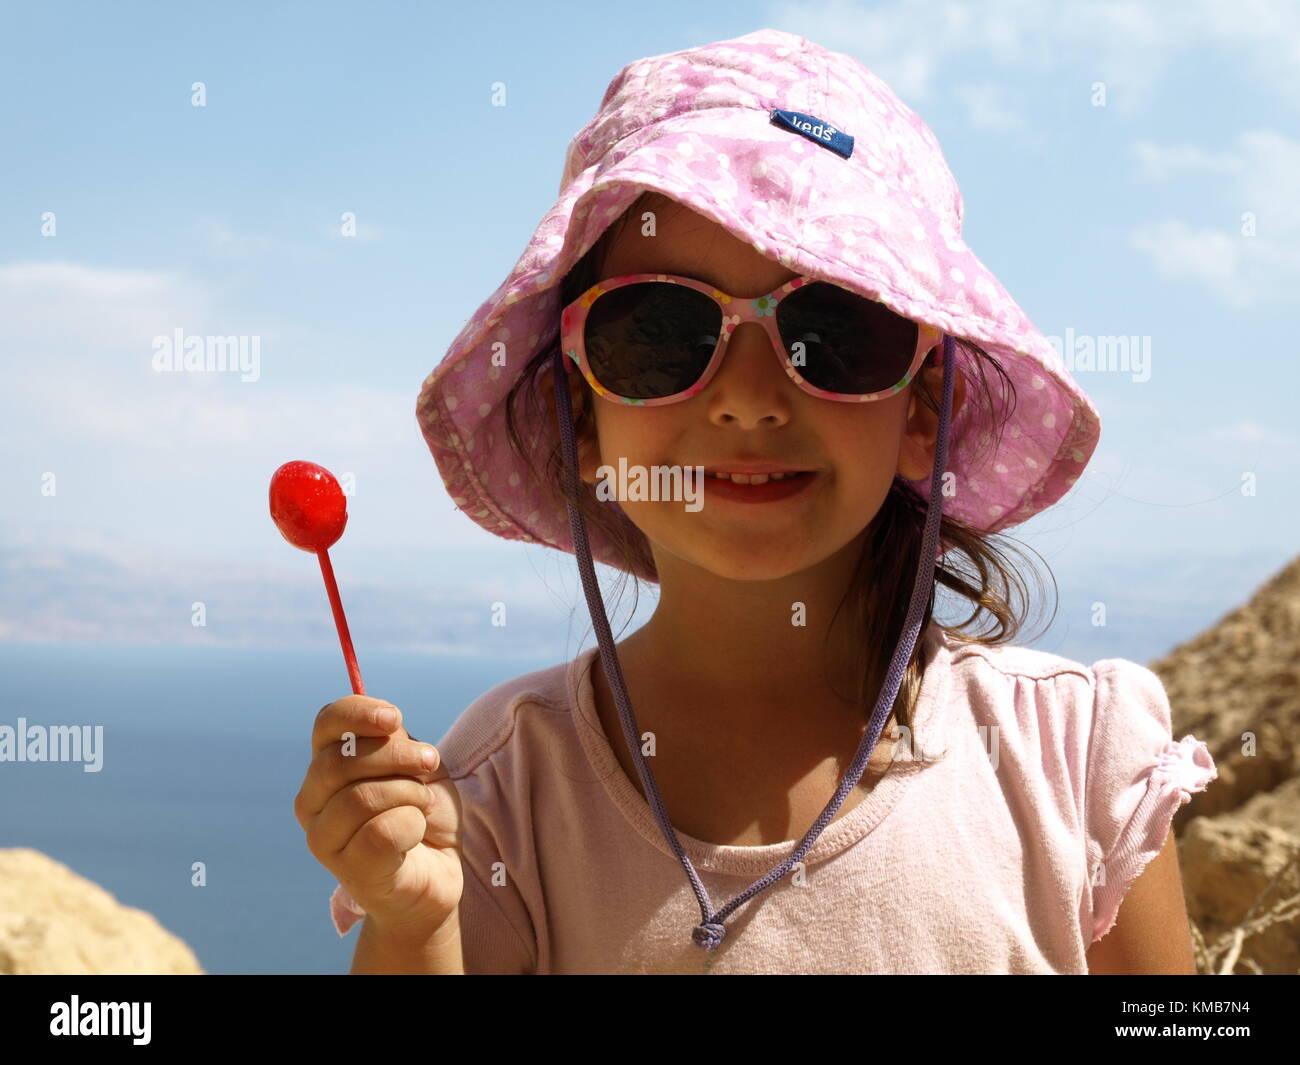 Una niña sonriente con una caminata lollipop Foto de stock